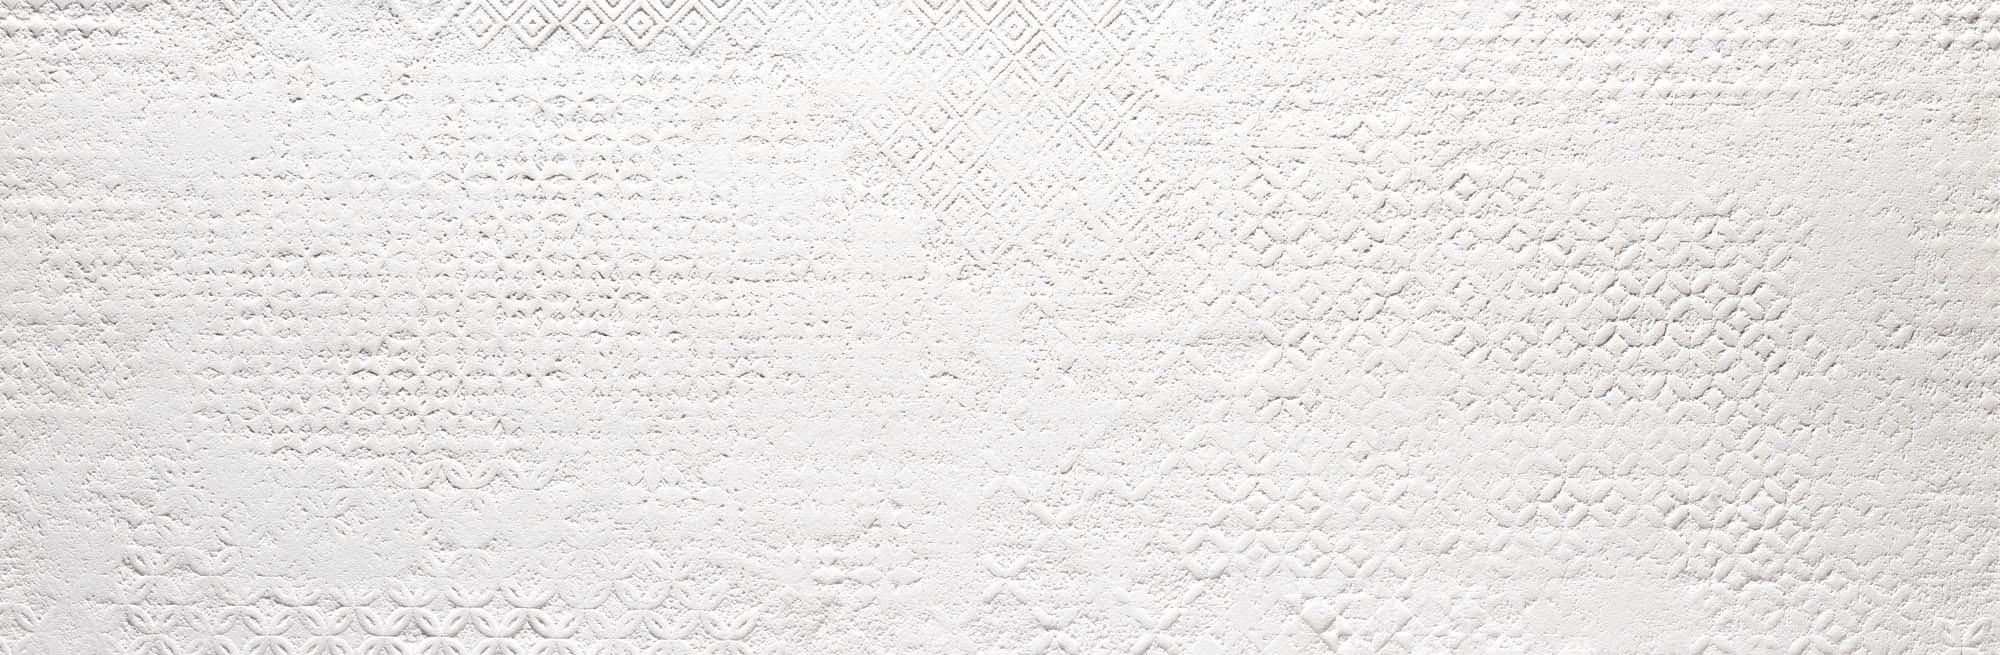 K717309180, Essence, Valkoinen, lattia,pakkasenkesto